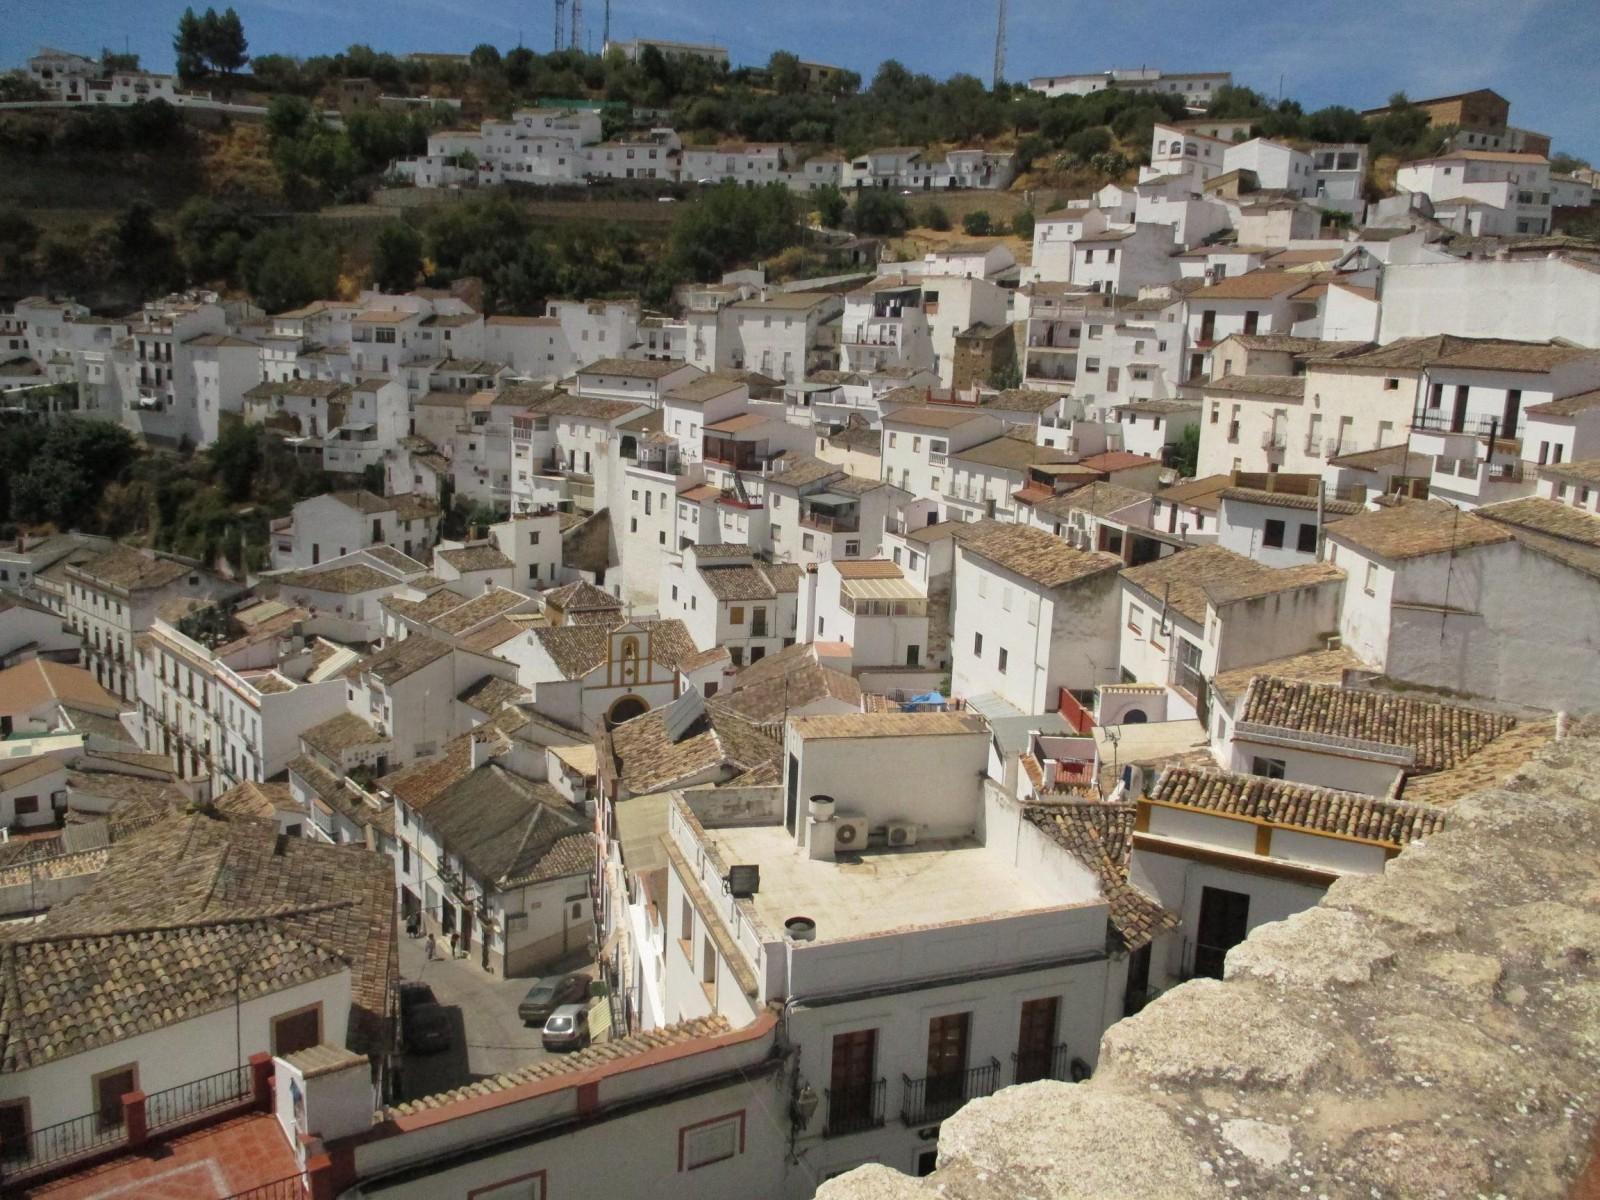 Setenil d elas Bodegas, Cádiz. Turismo Cádiz